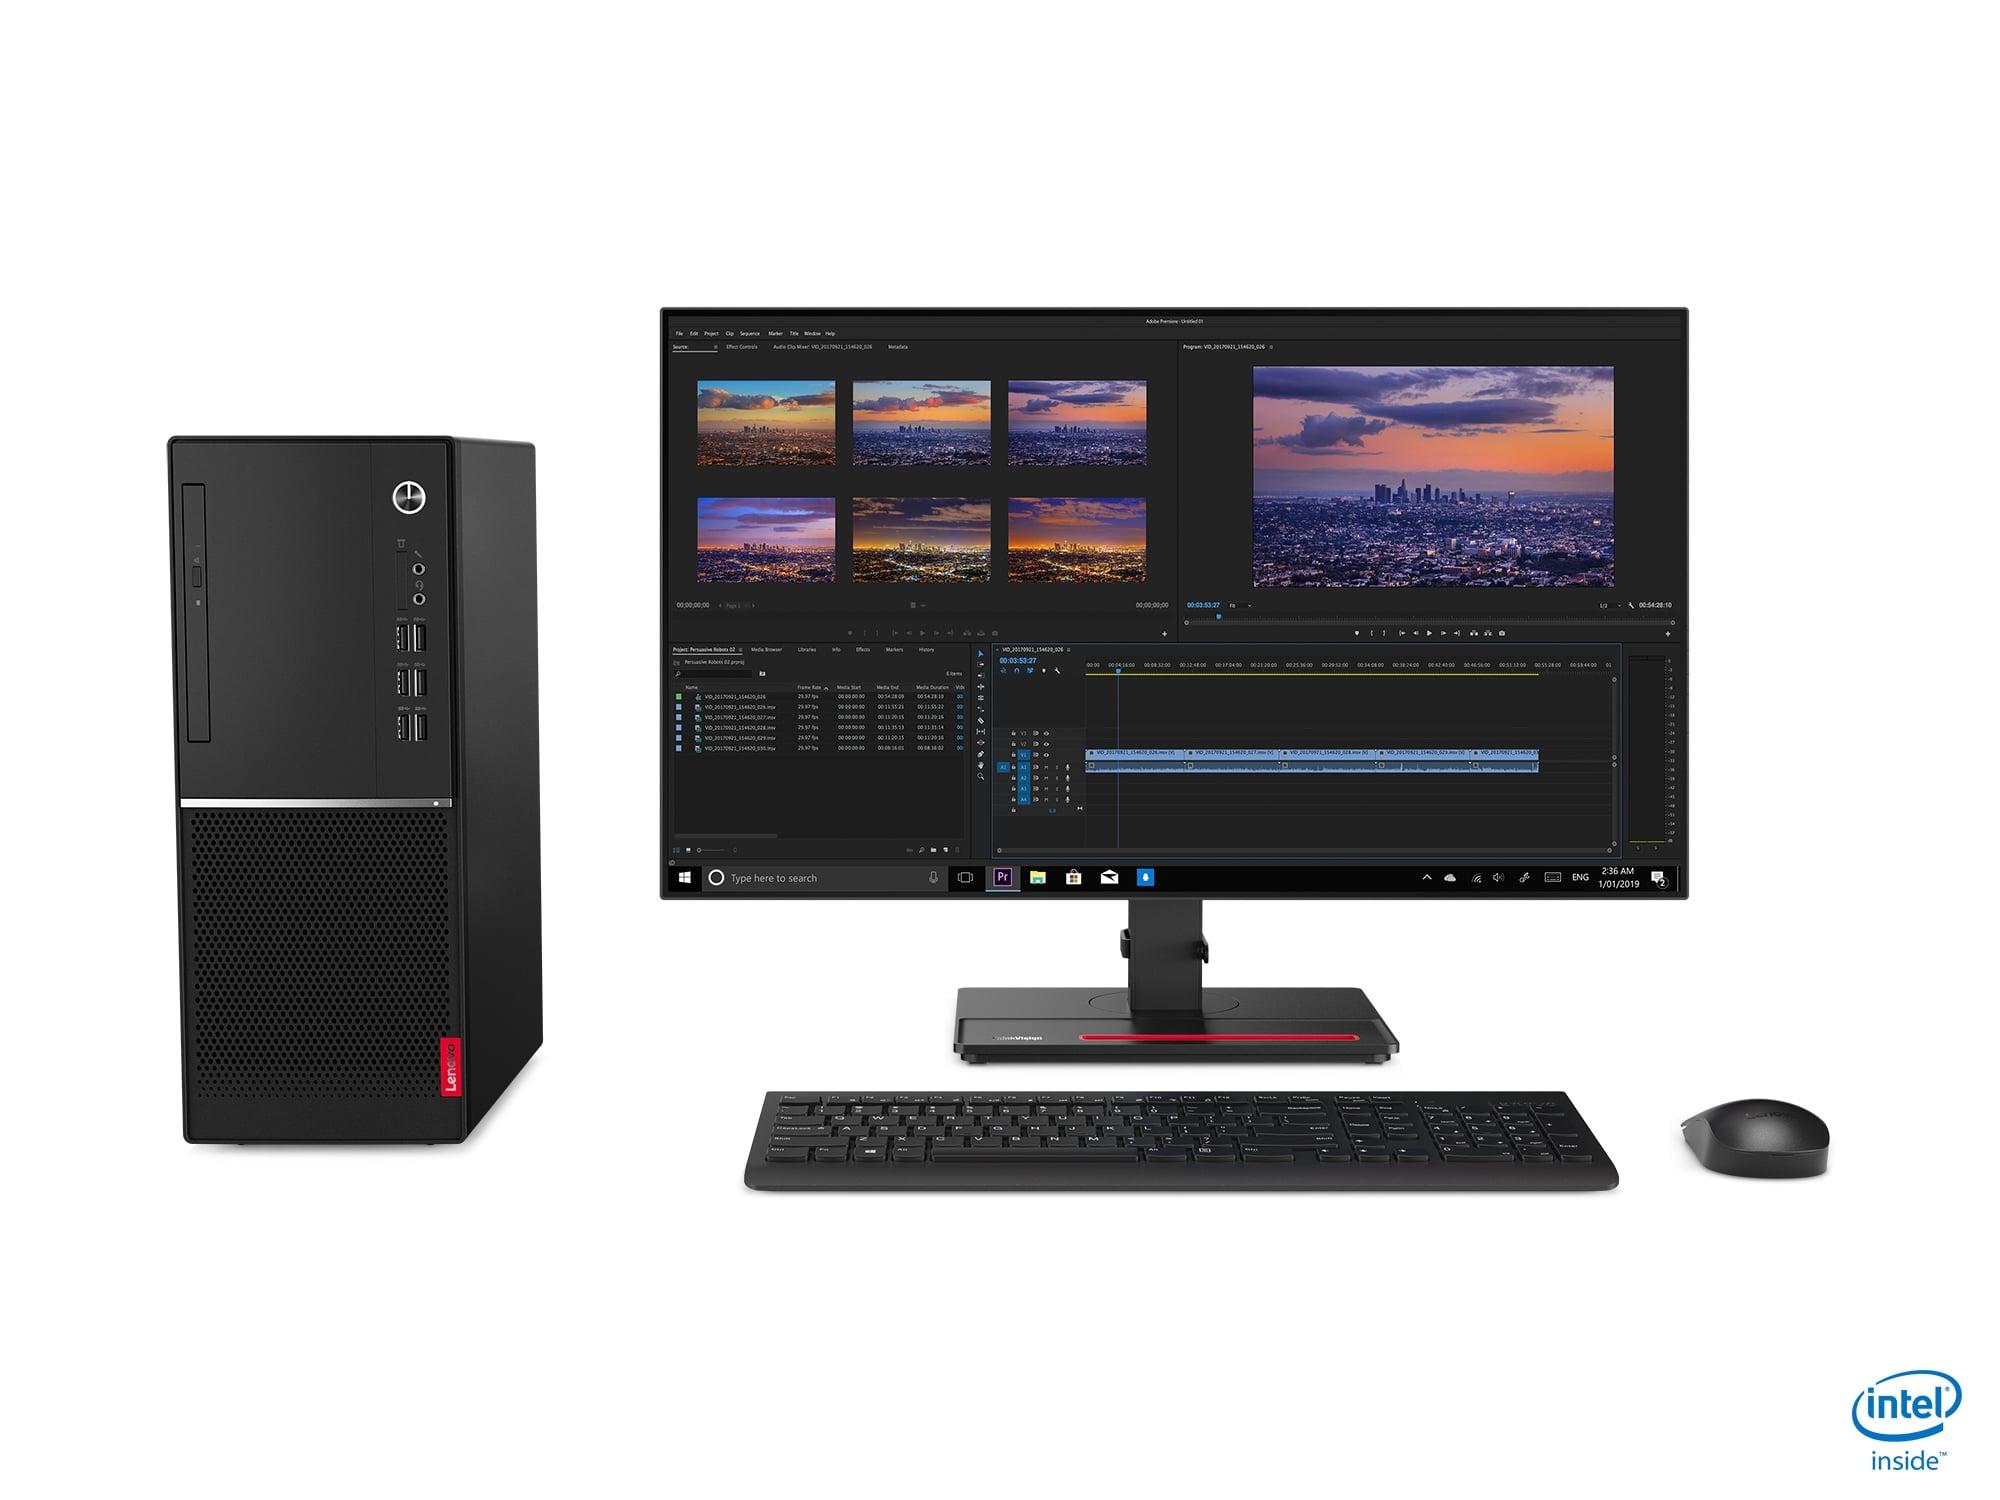 Lenovo V530 TWR/G5420/256/4GB/HD/DVD/DOS